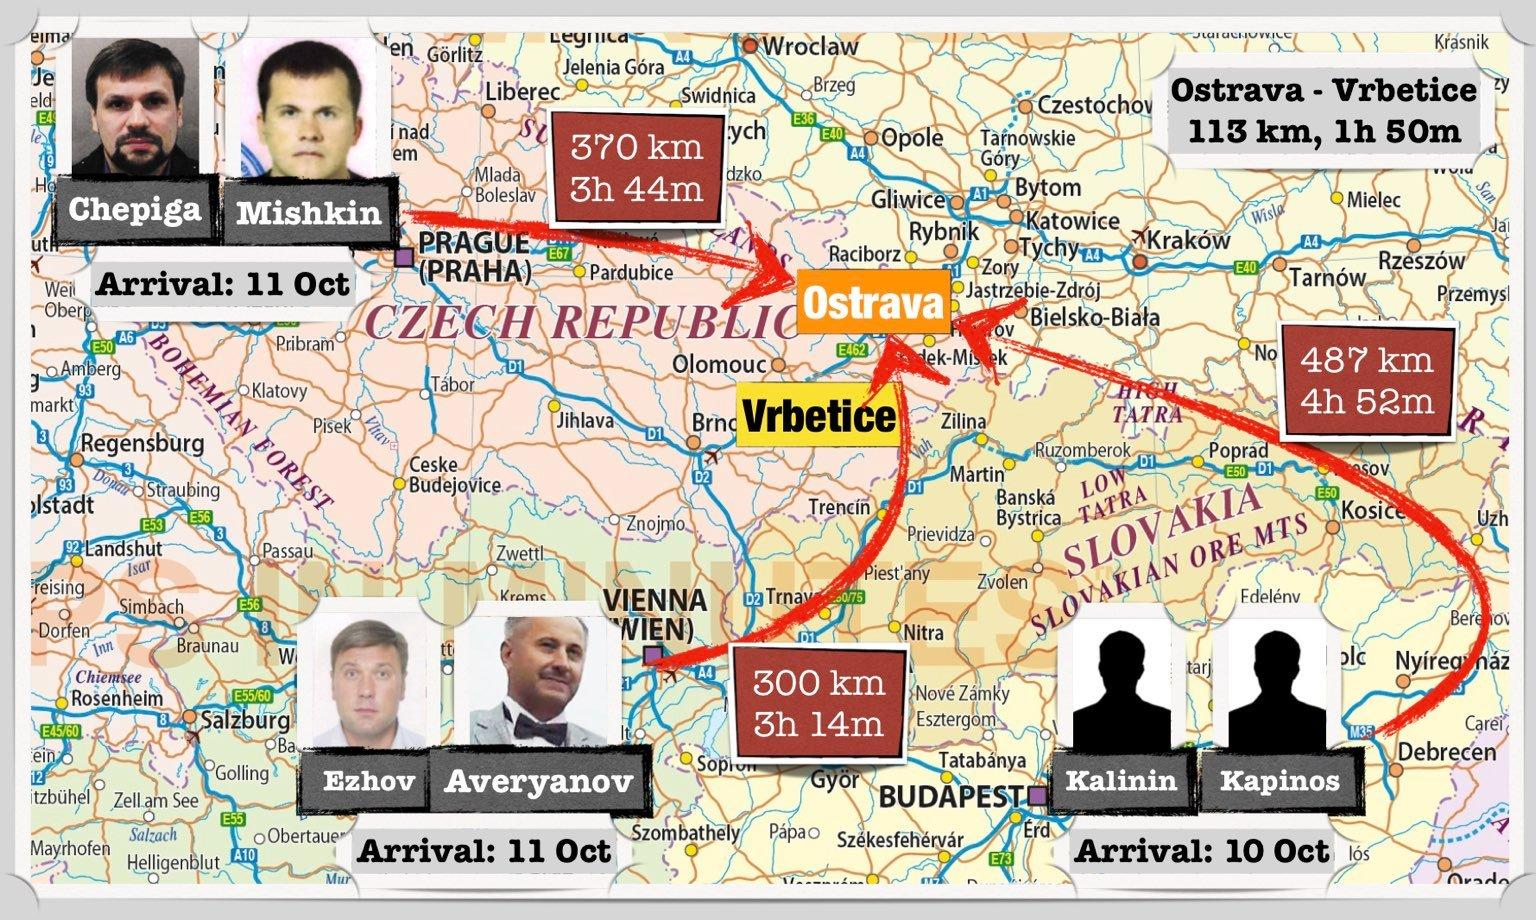 Vezető képünkön a csehországi lőszerraktár felrobbantásában szerepet kapott titkosügynökök mozgását látjuk a Bellingcat oknyomozó hírportál ábrája alapján